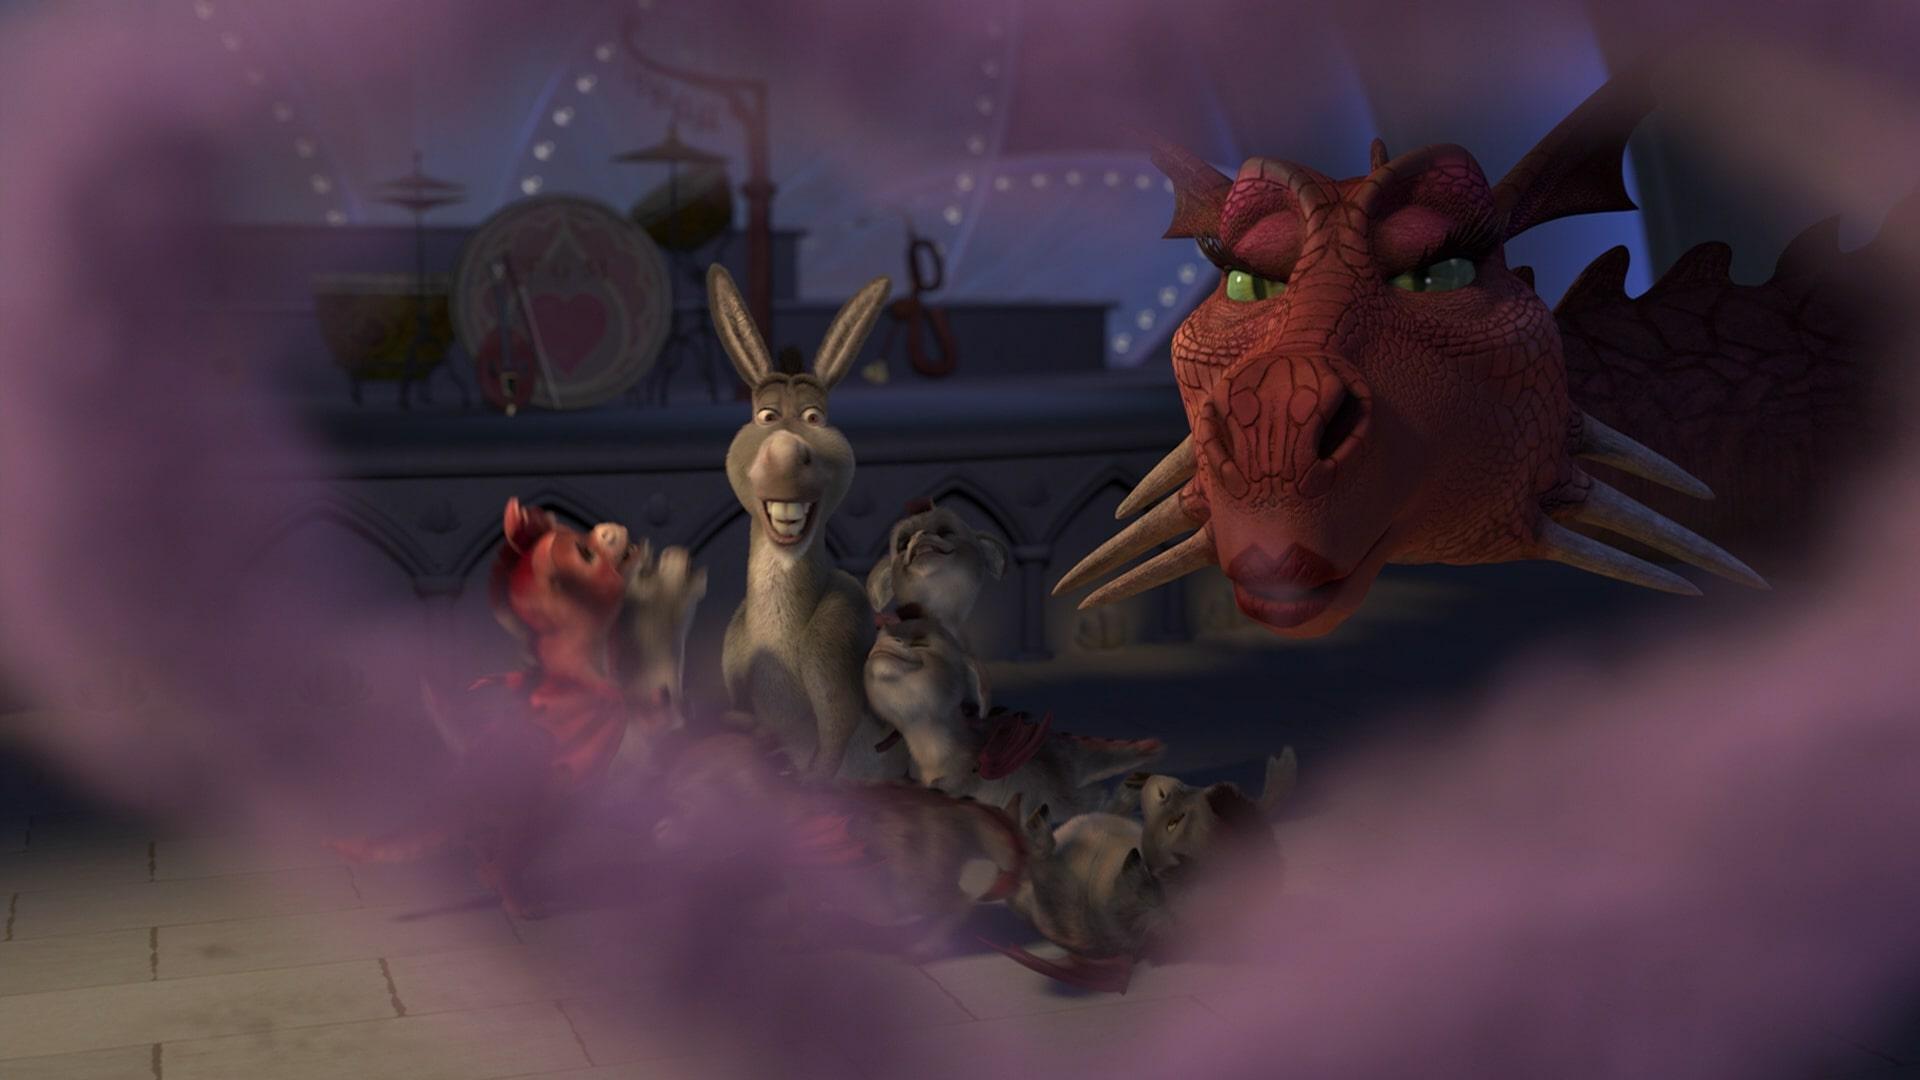 Dollsshrek shrek, fairytale friends donkey,shrek, puss Brought a...